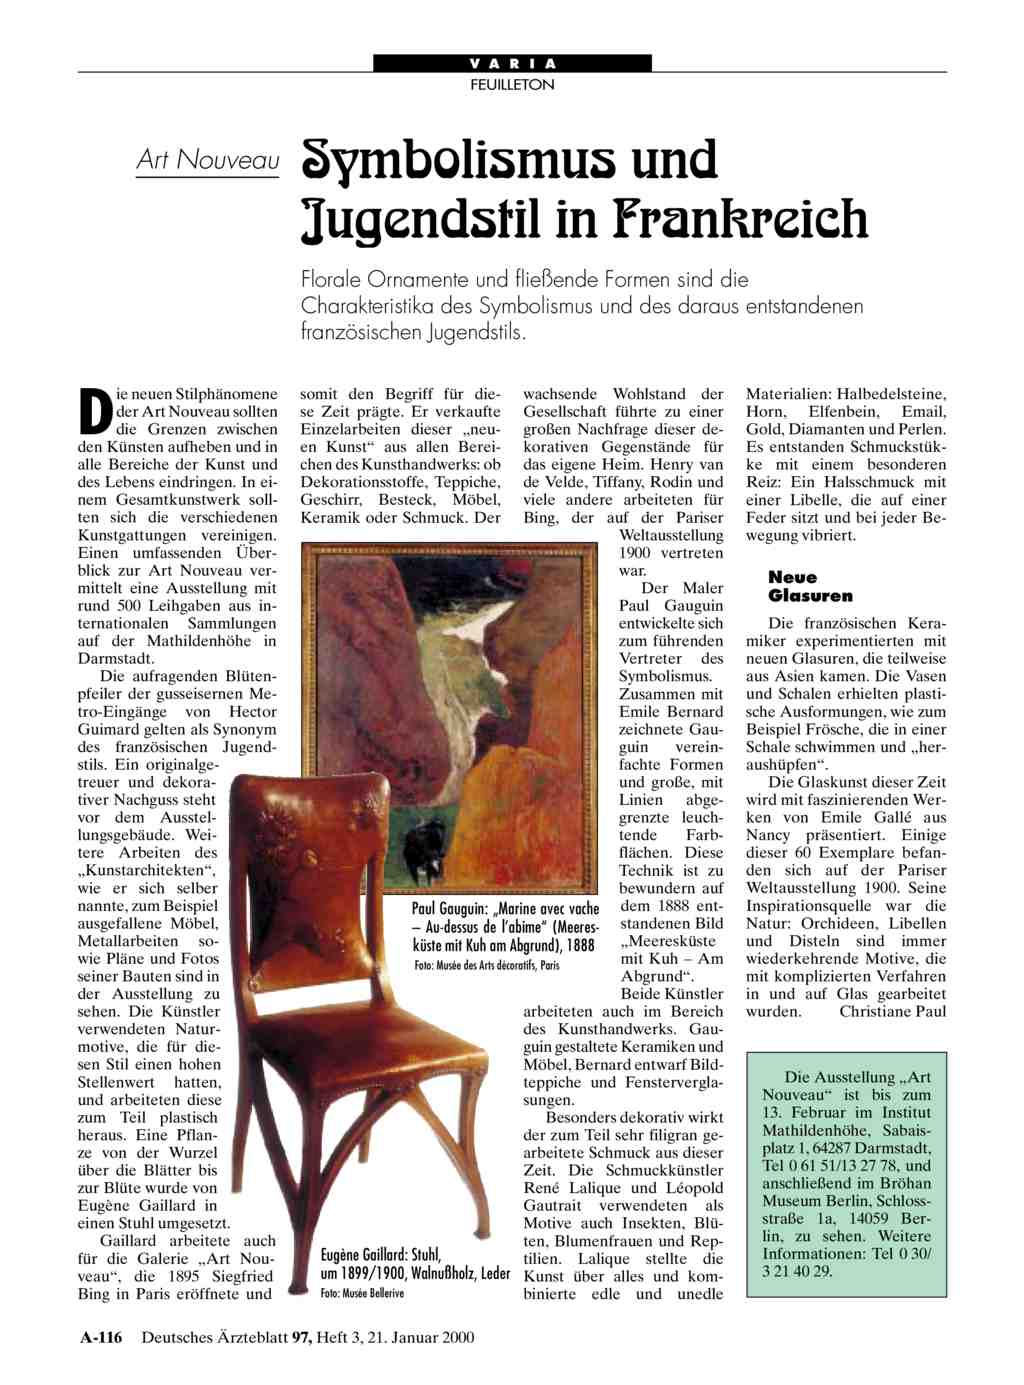 Deco Jugendstil Unterschied nouveau symbolismus und jugendstil in frankreich